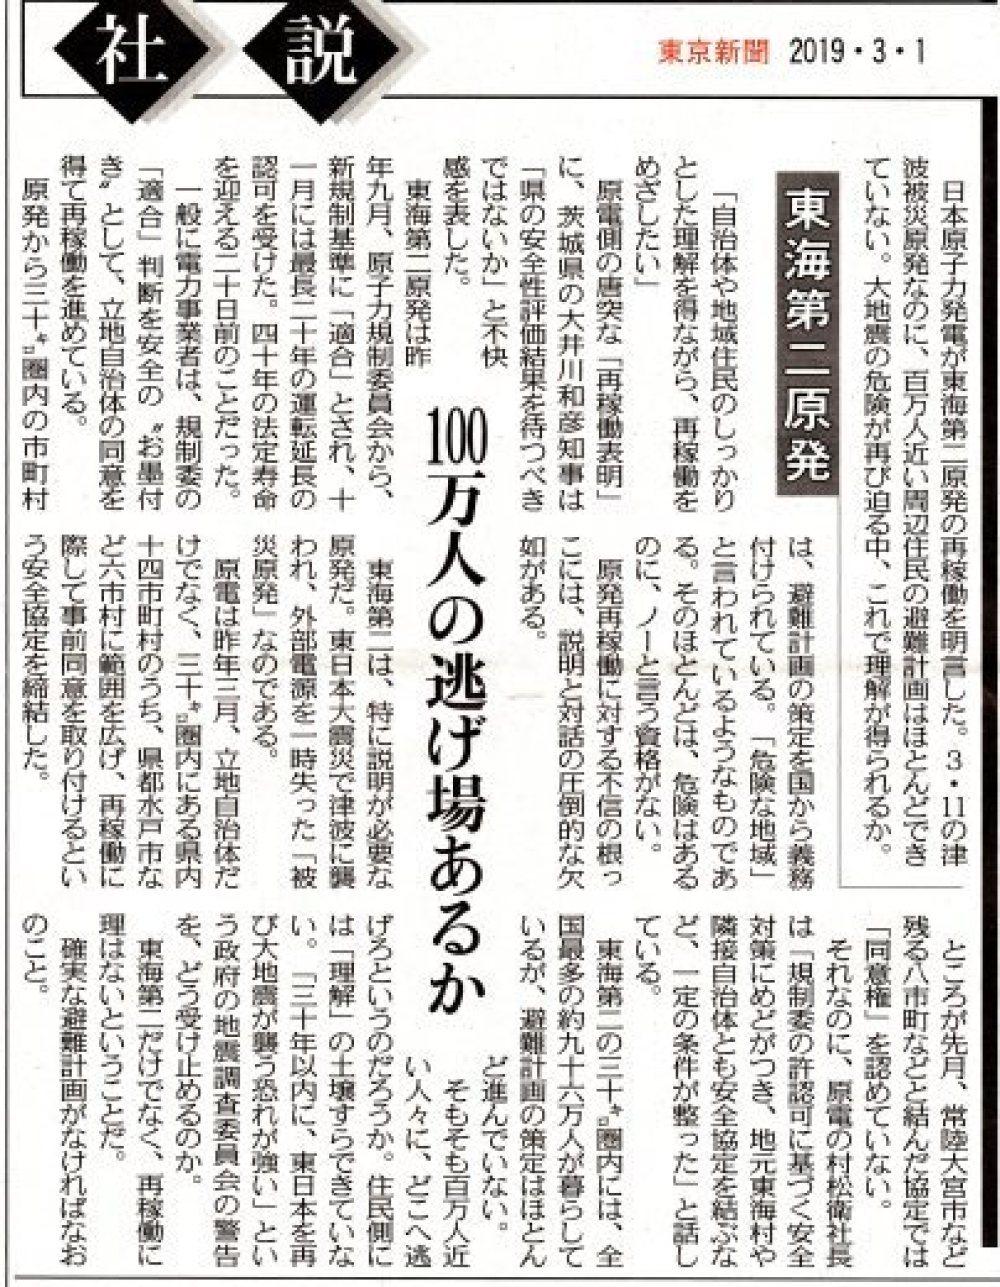 東海第二原発 再稼働方針6市村に伝達 100万人の逃げ場あるか / 東京新聞 _b0242956_18445713.jpg